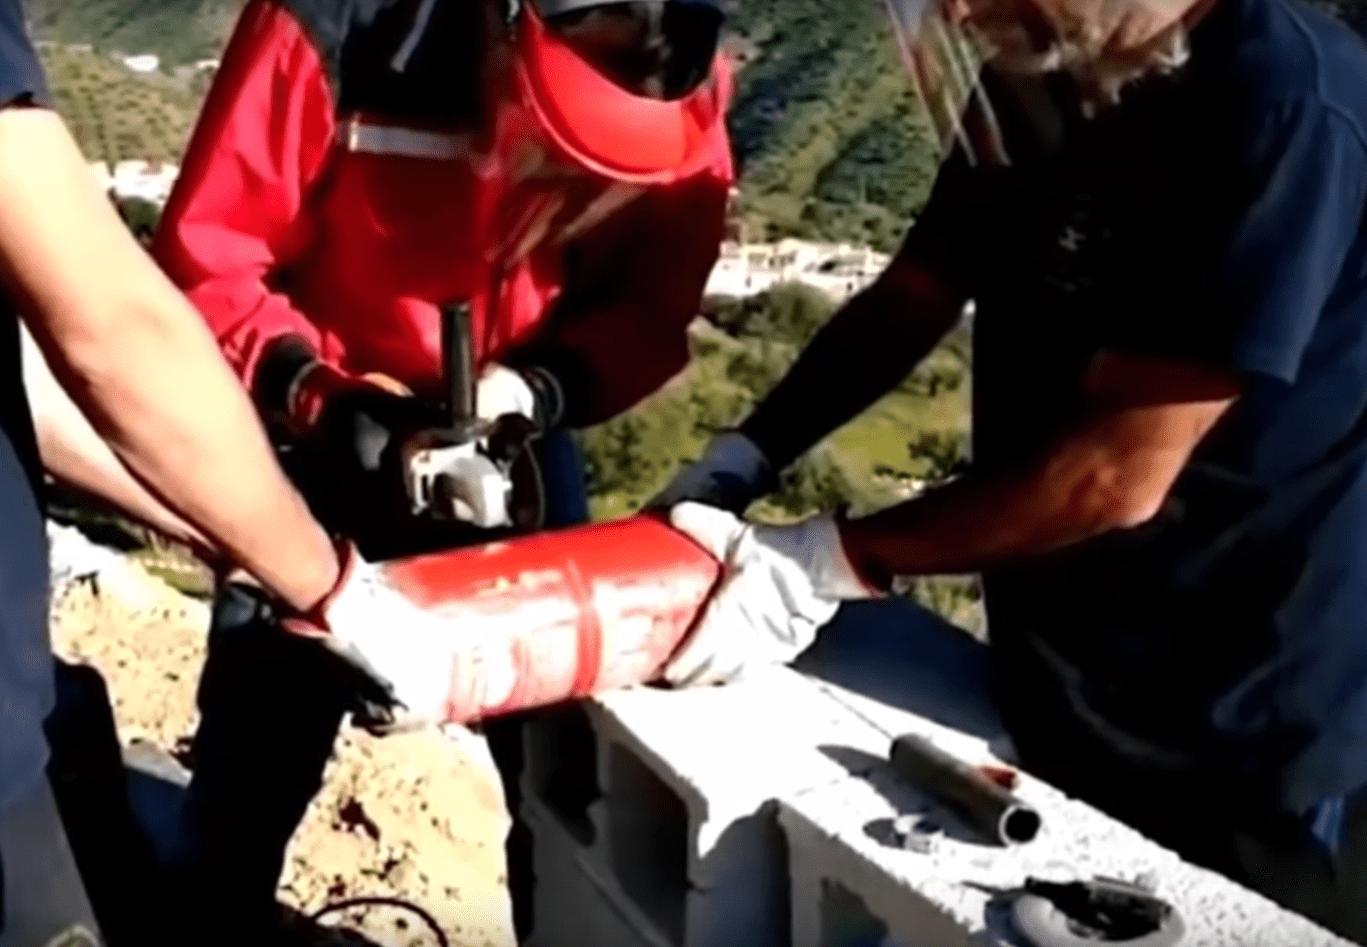 Rescatistas realizando trabajos para sacar a Julen del pozo en Totalán, España. | Imagen: YouTube/Videos Virales